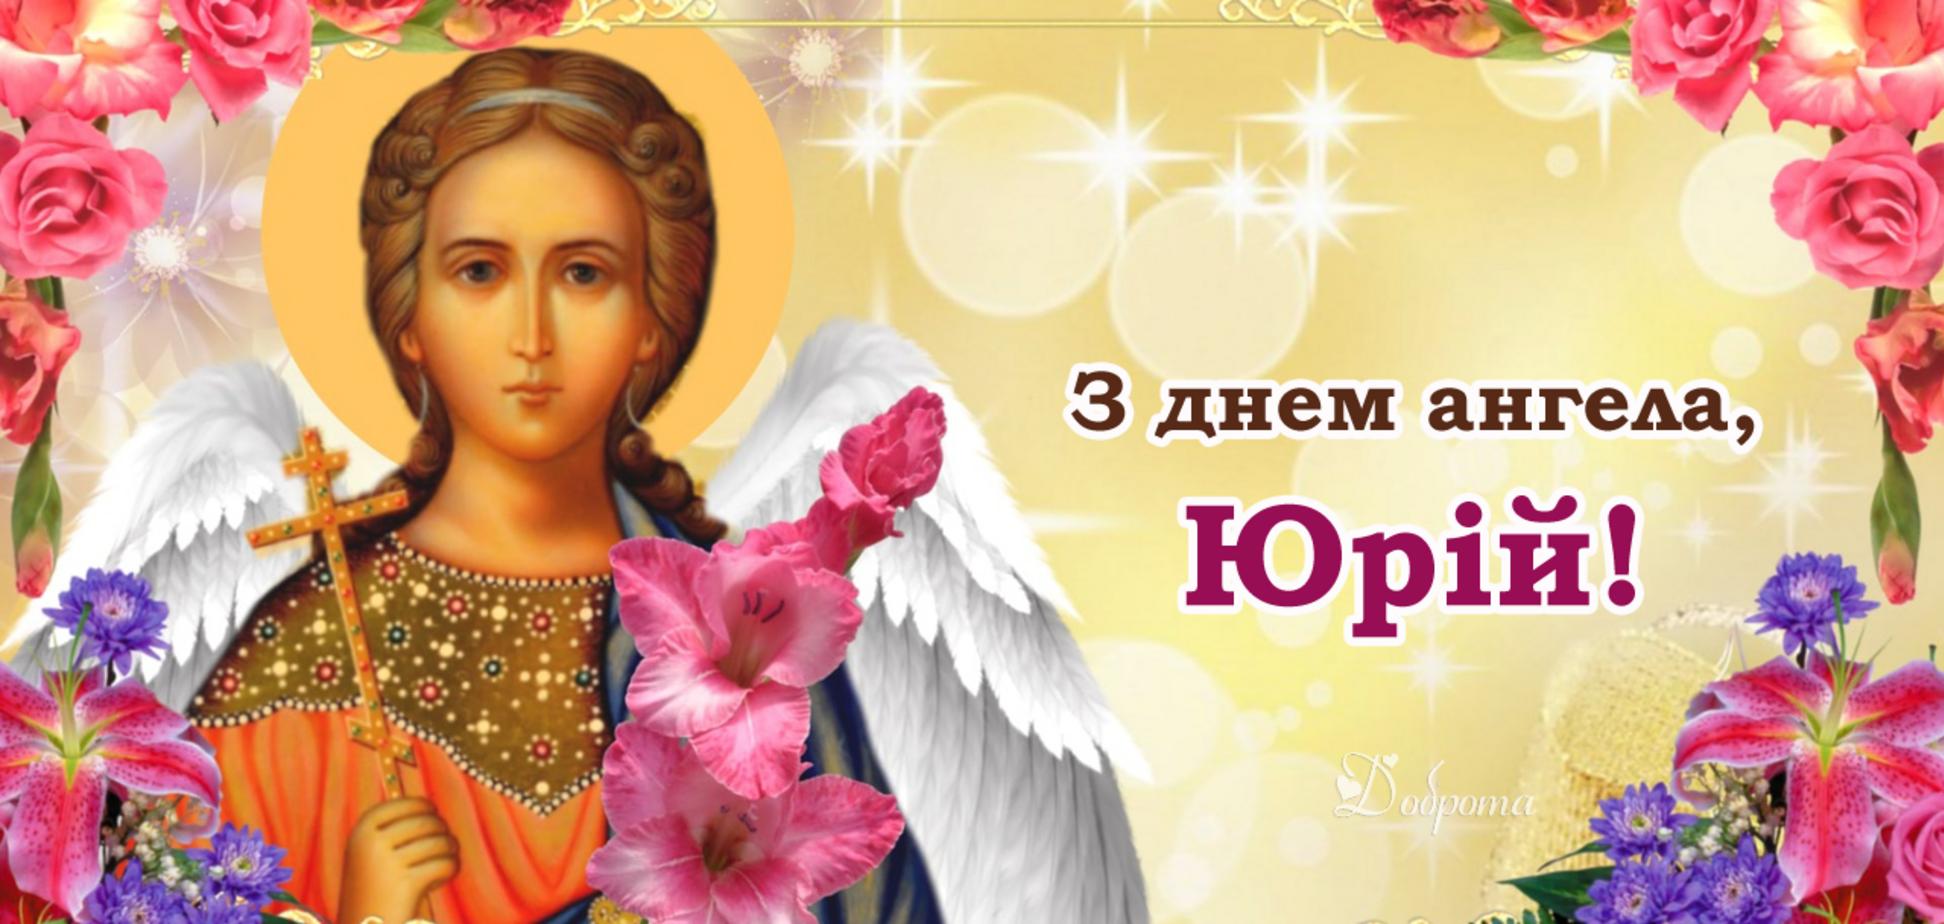 день ангела Юрія картинки